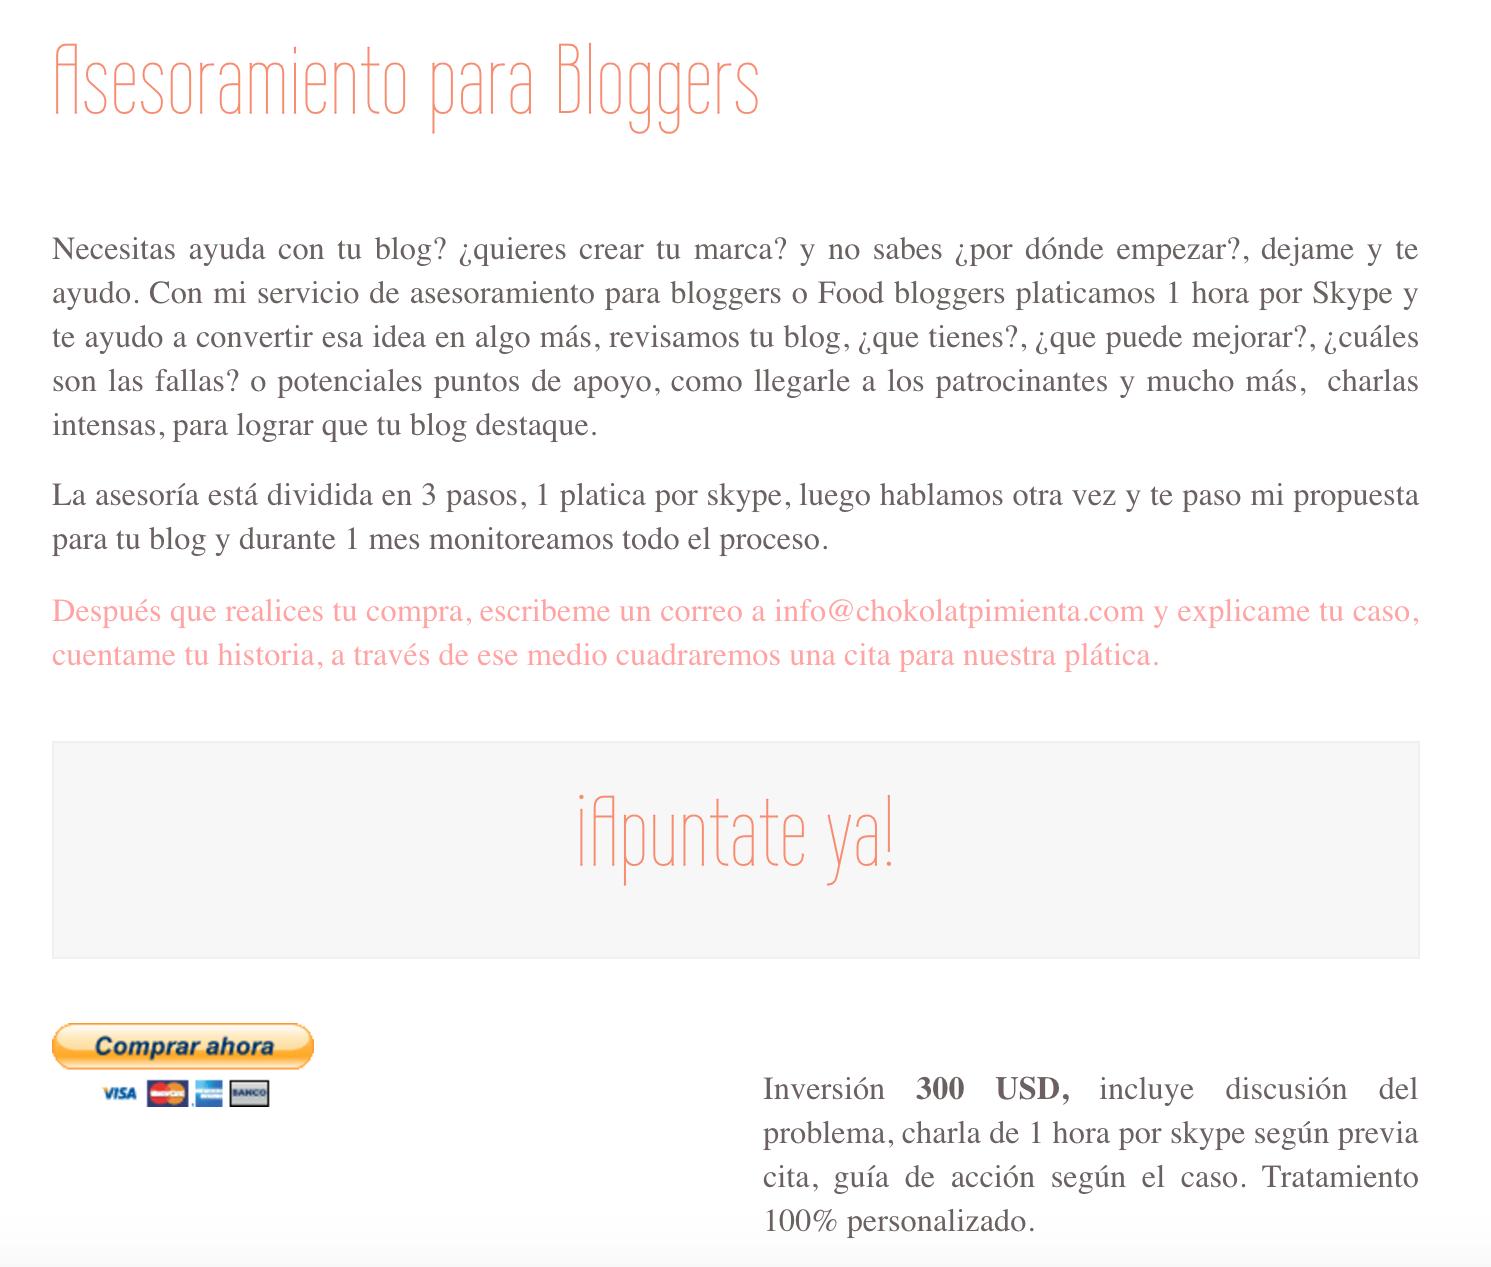 asesoramiento para bloggers